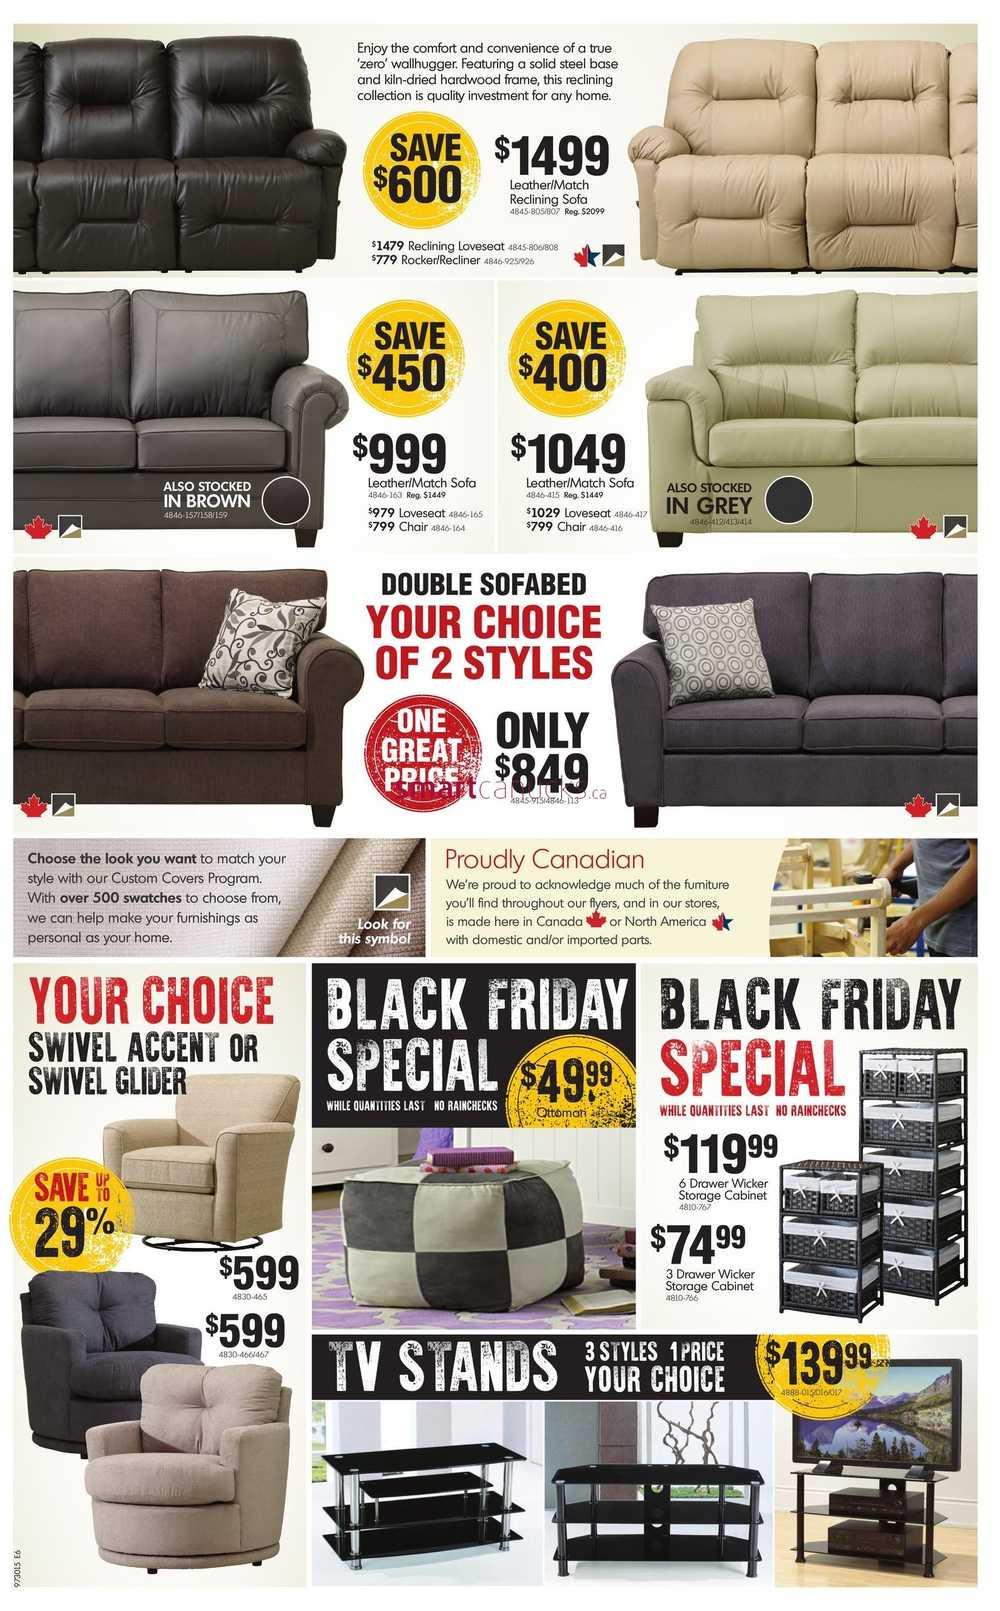 home furniture on 2015 black friday sale flyer. Black Bedroom Furniture Sets. Home Design Ideas